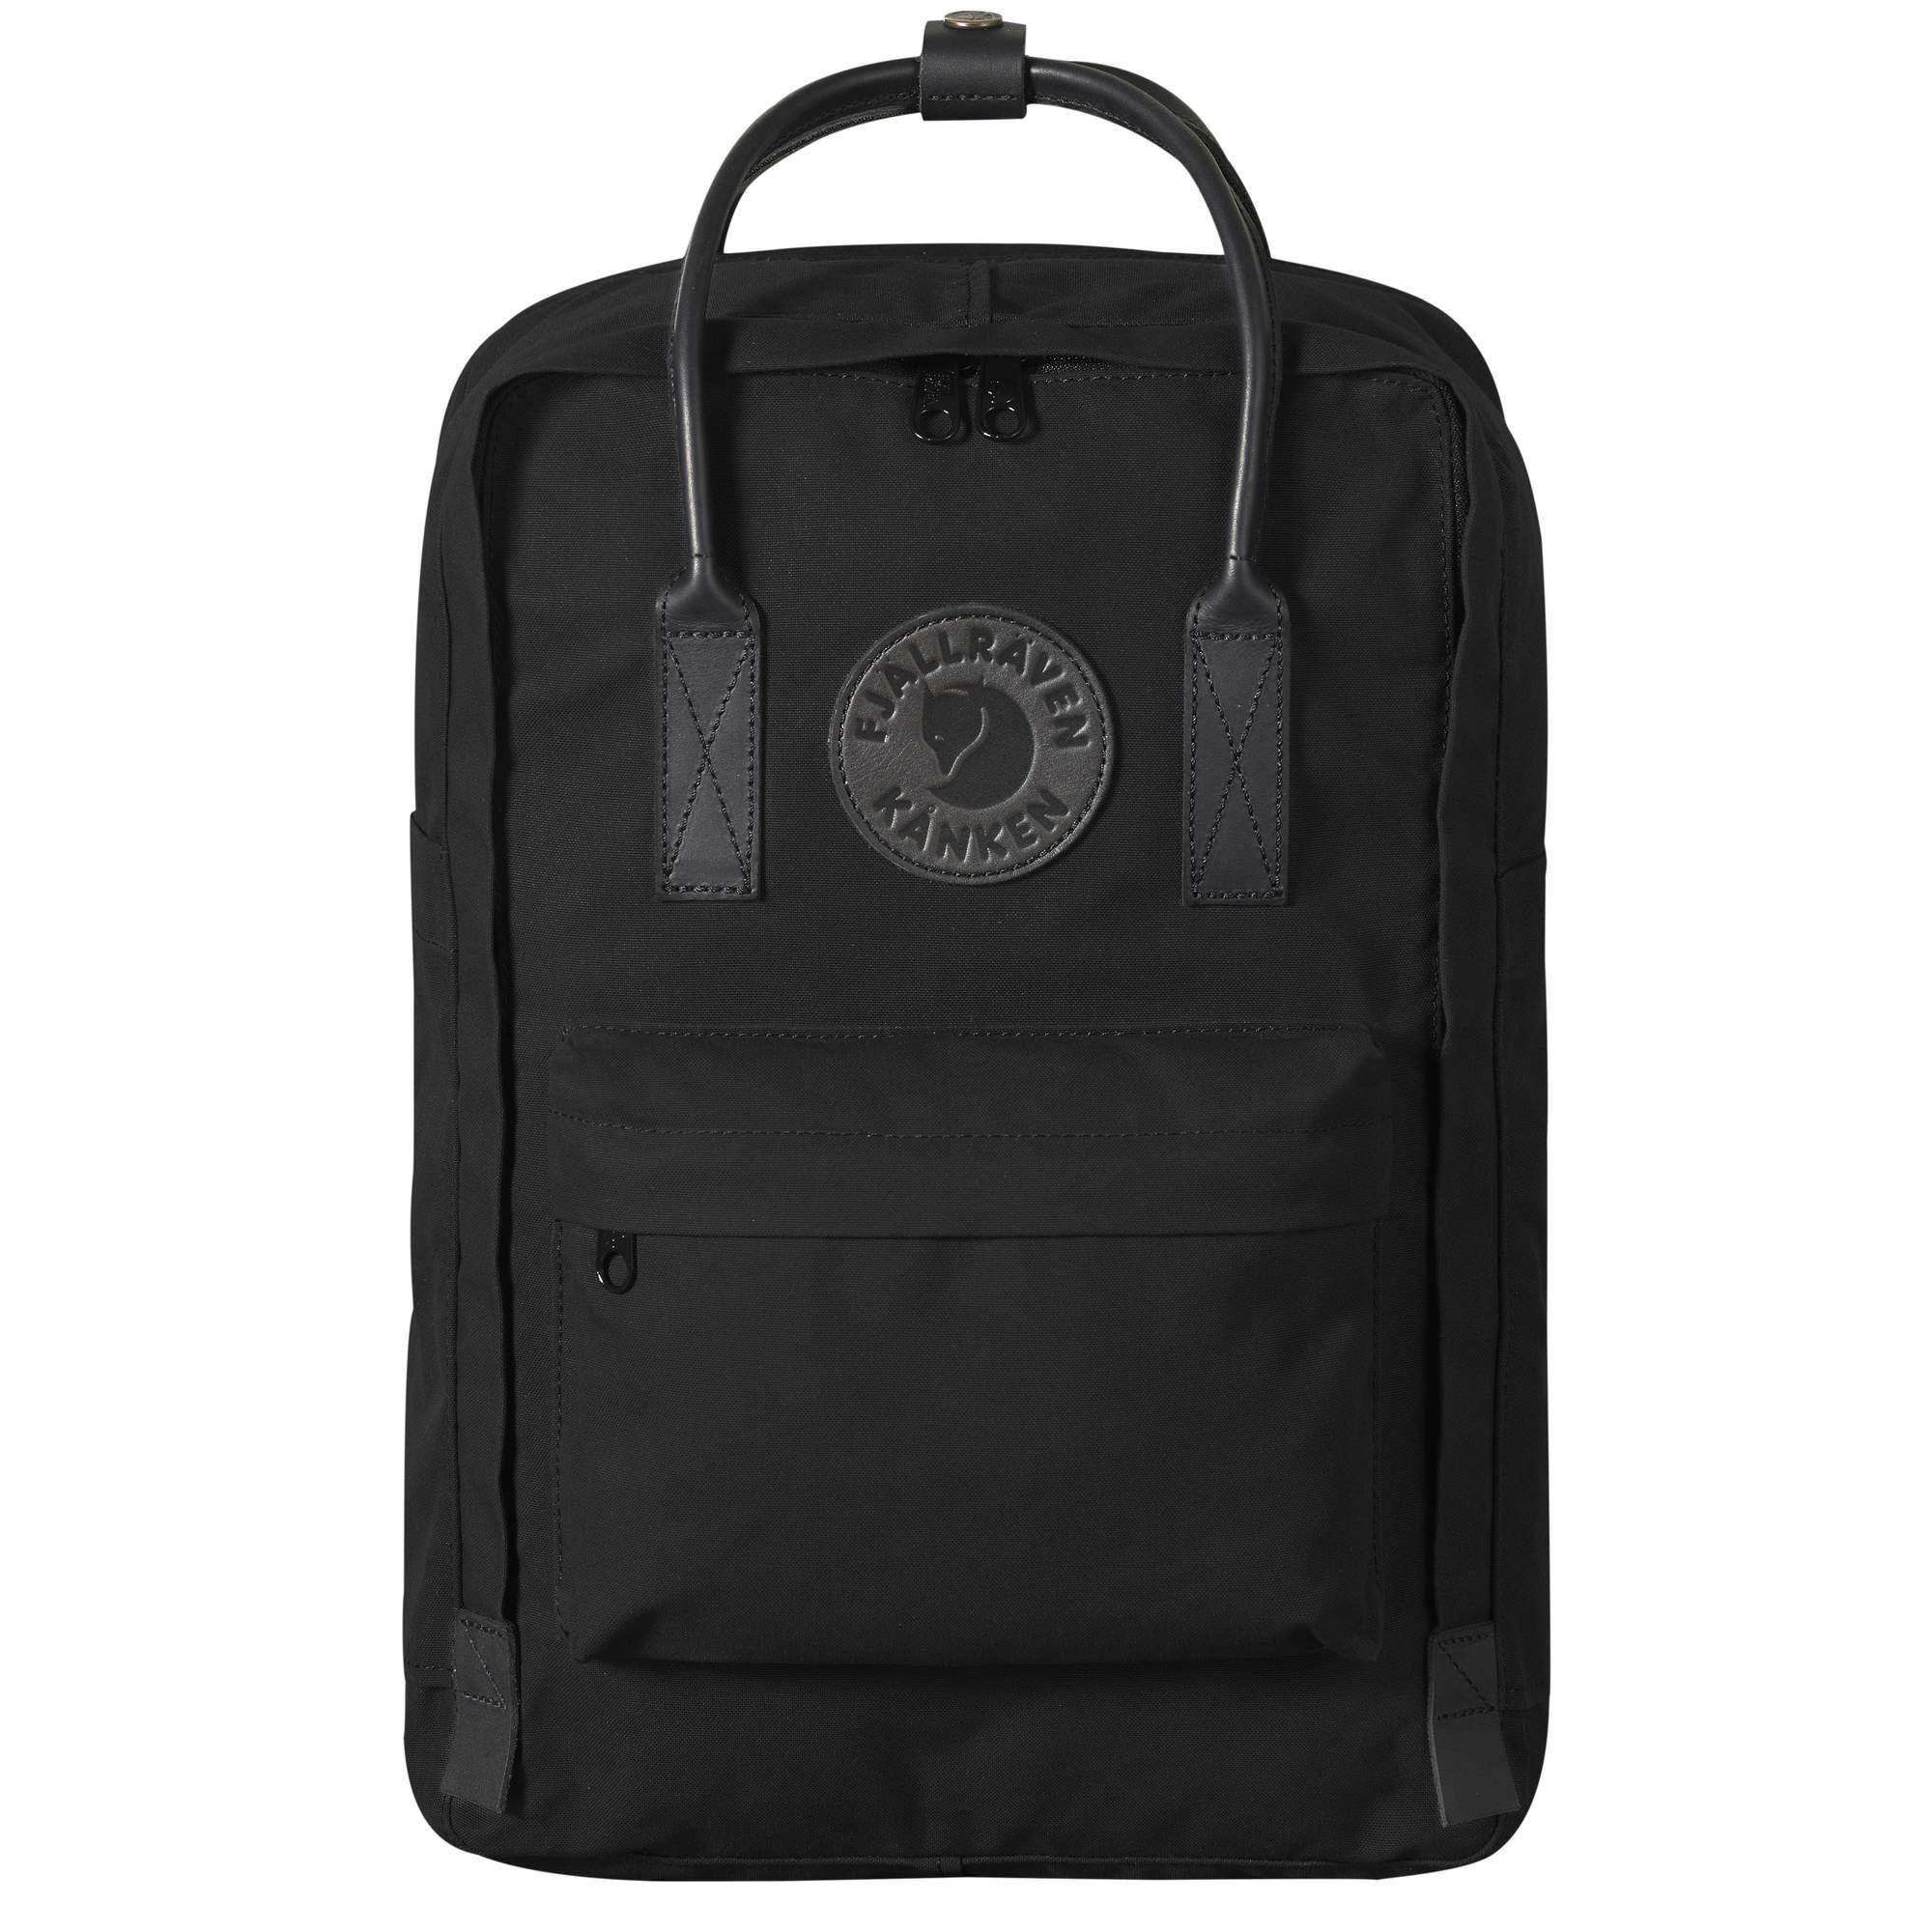 Рюкзак Fjallraven Kanken No.2 Black Edition Laptop 15 черный